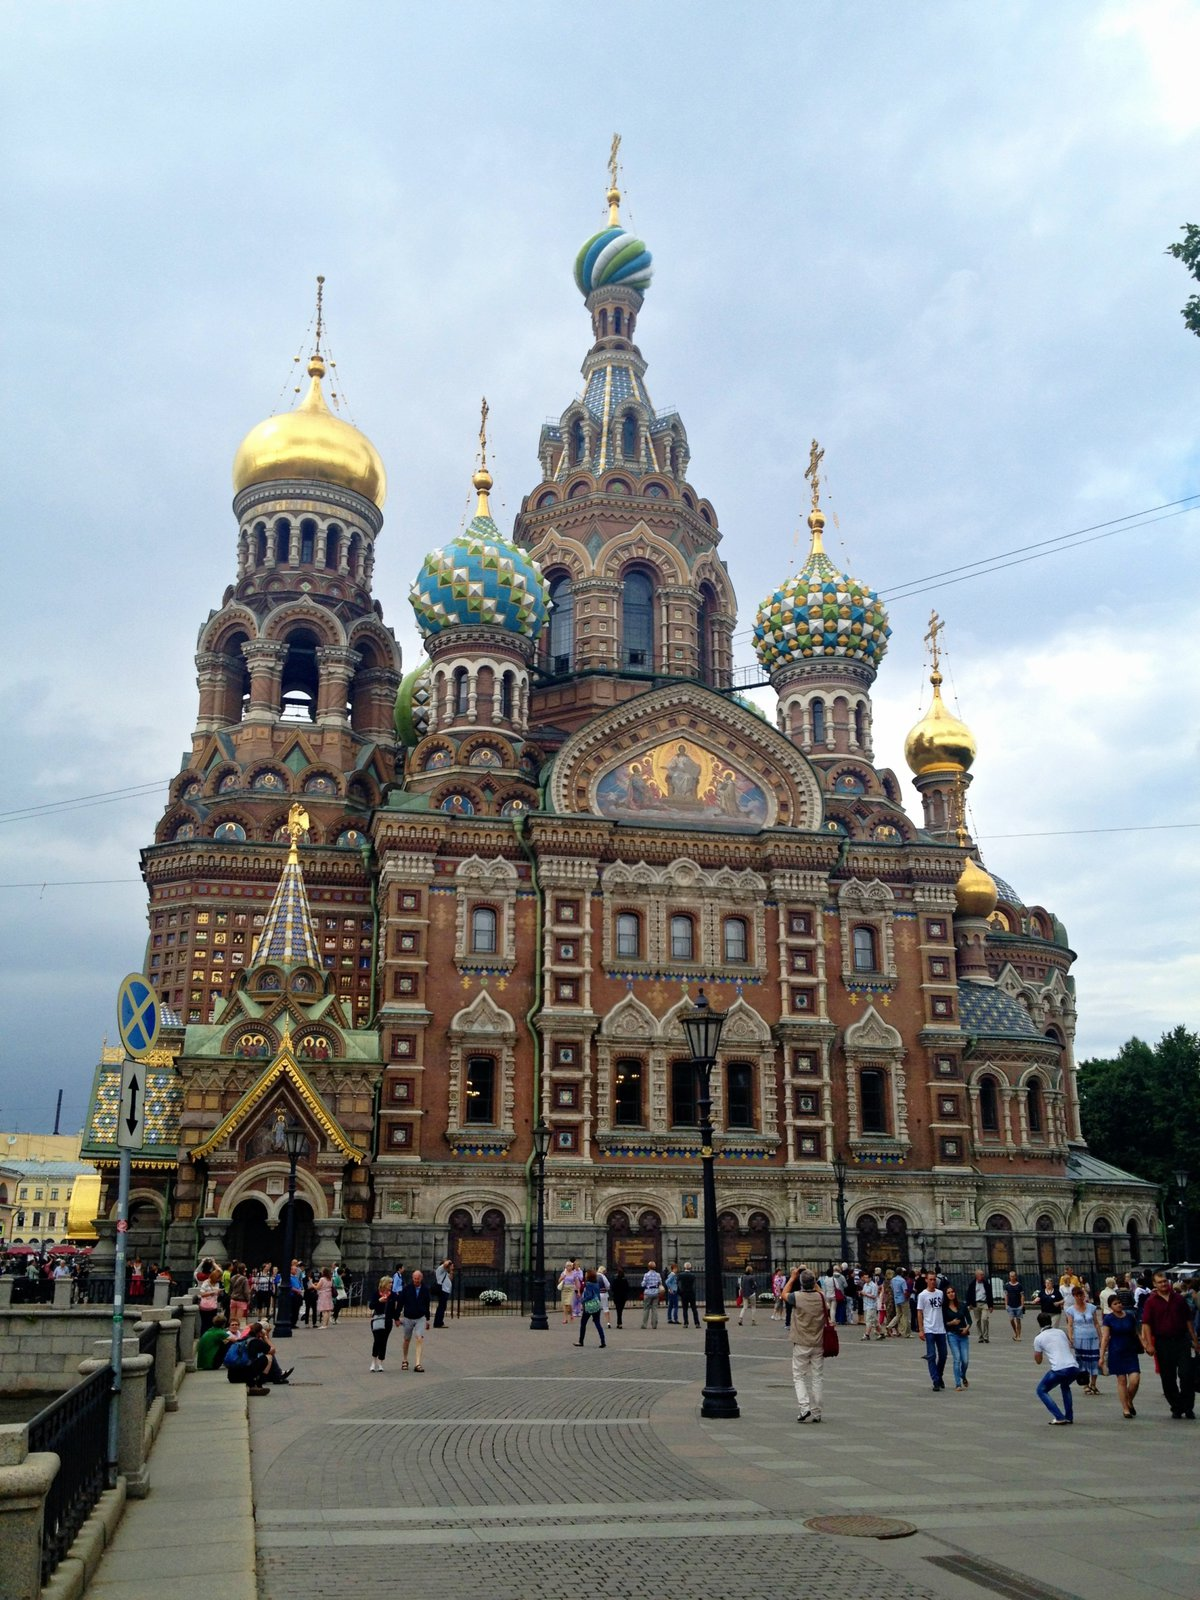 farebný chrám Kristovho vzkriesenia patrí neodmysliteľne k Petrohradu